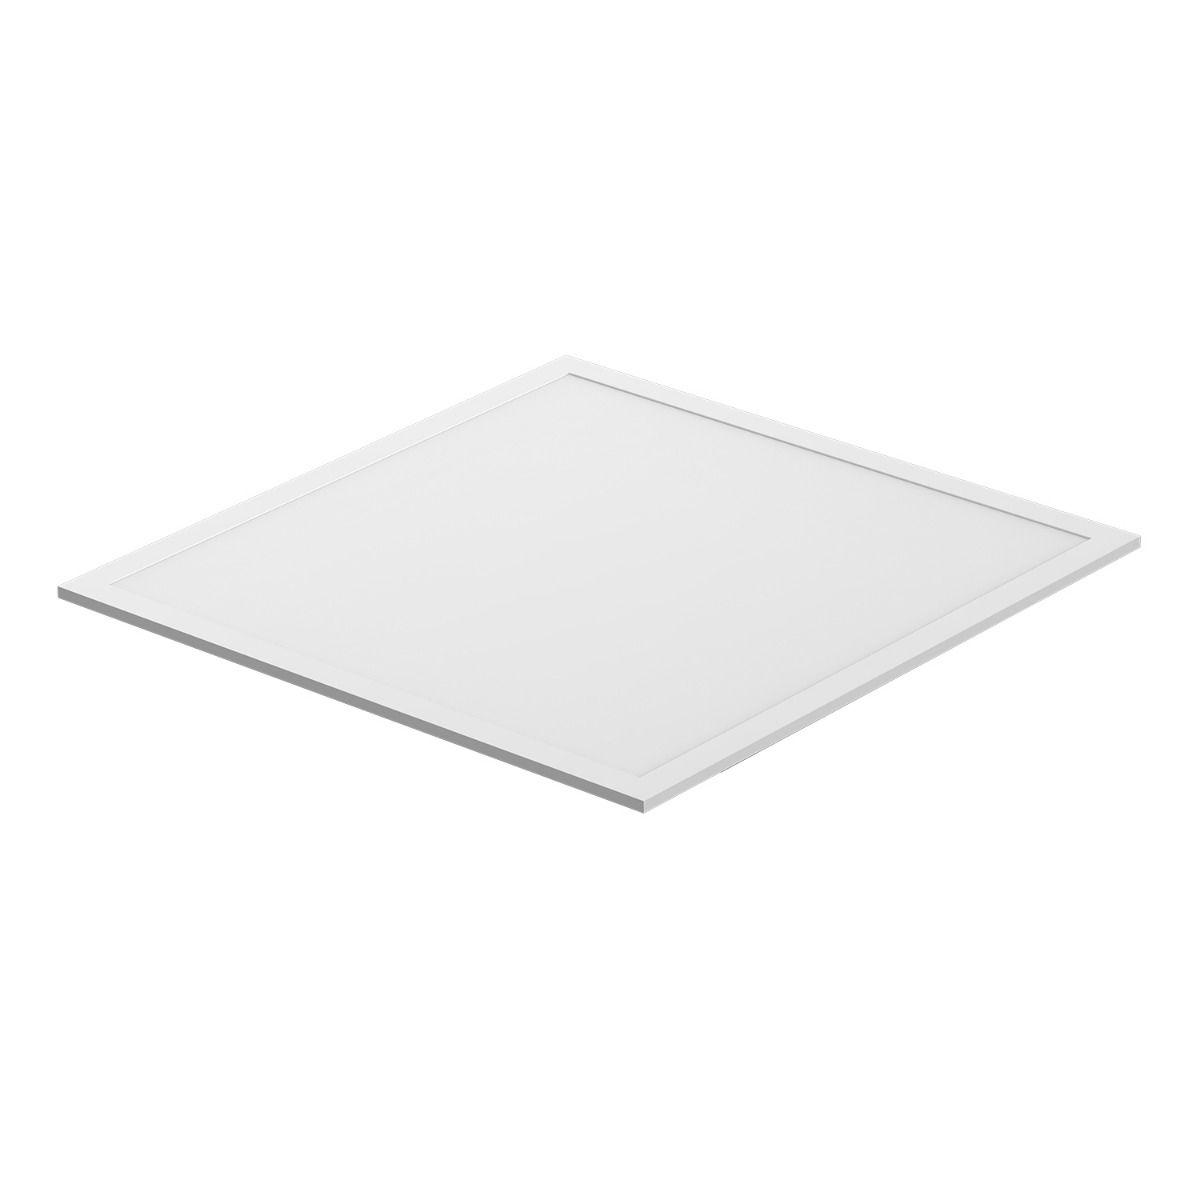 Noxion LED panel Delta Pro Highlum V2.0 40W 60x60cm 4000K 5480lm UGR <19 | kold hvid - erstatter 4x18W